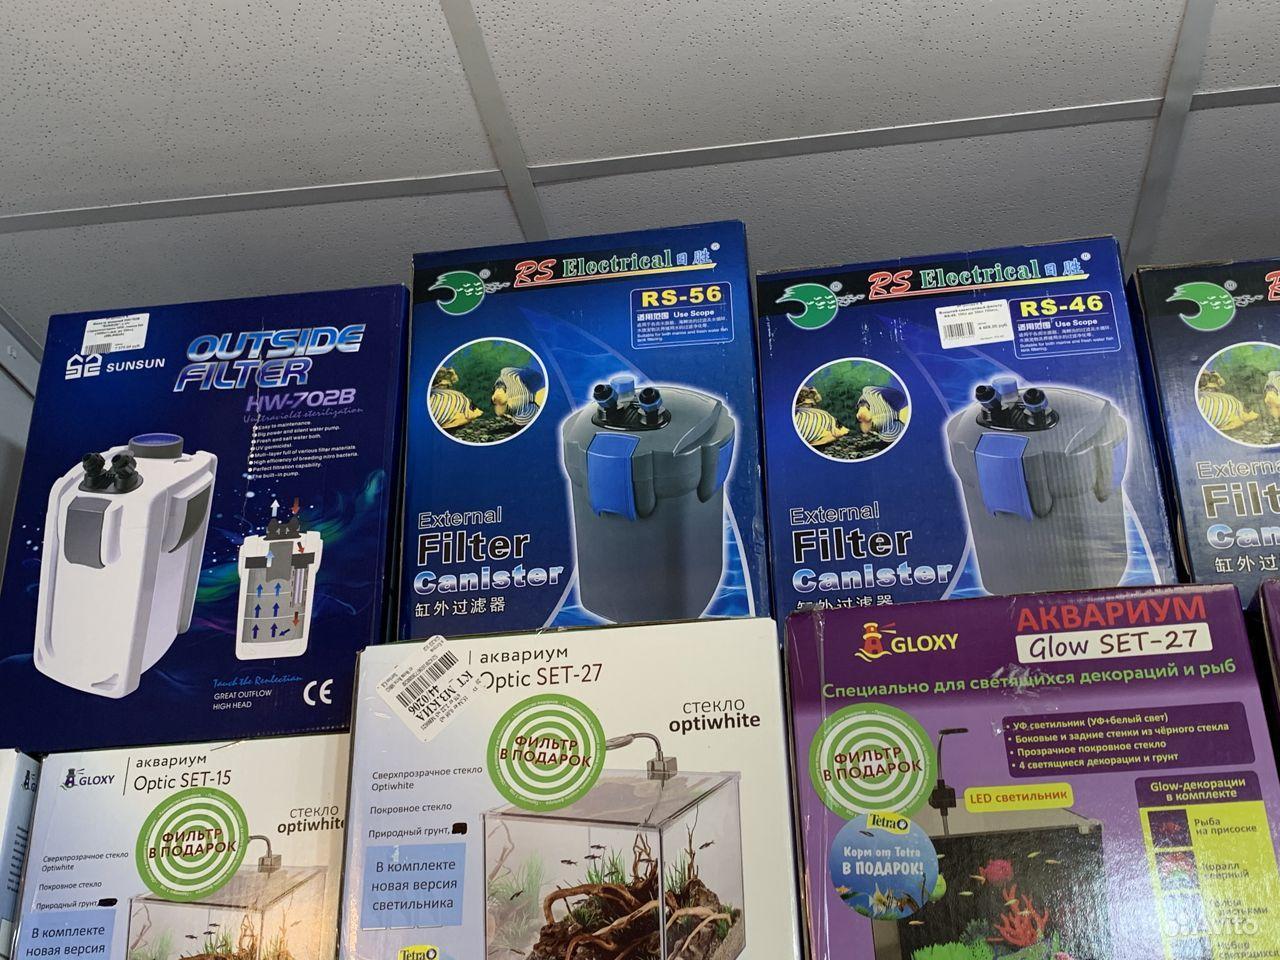 Фильтр sunsun HW-3000 акв. до 1000л купить на Зозу.ру - фотография № 10